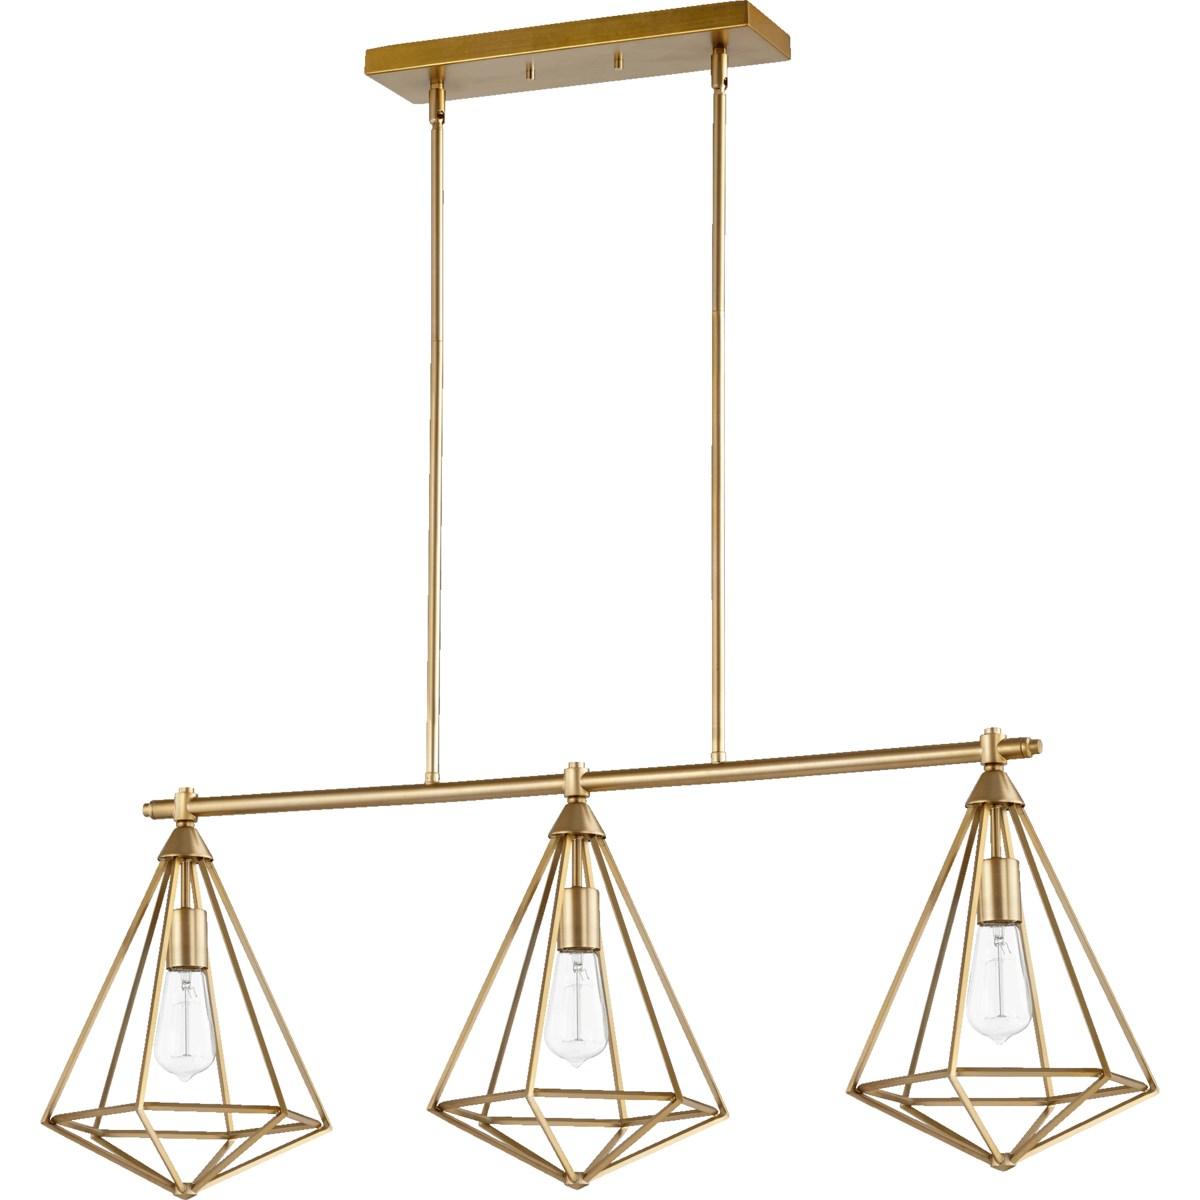 Bennett 3 Light Transitional Aged Brass Linear Pendant